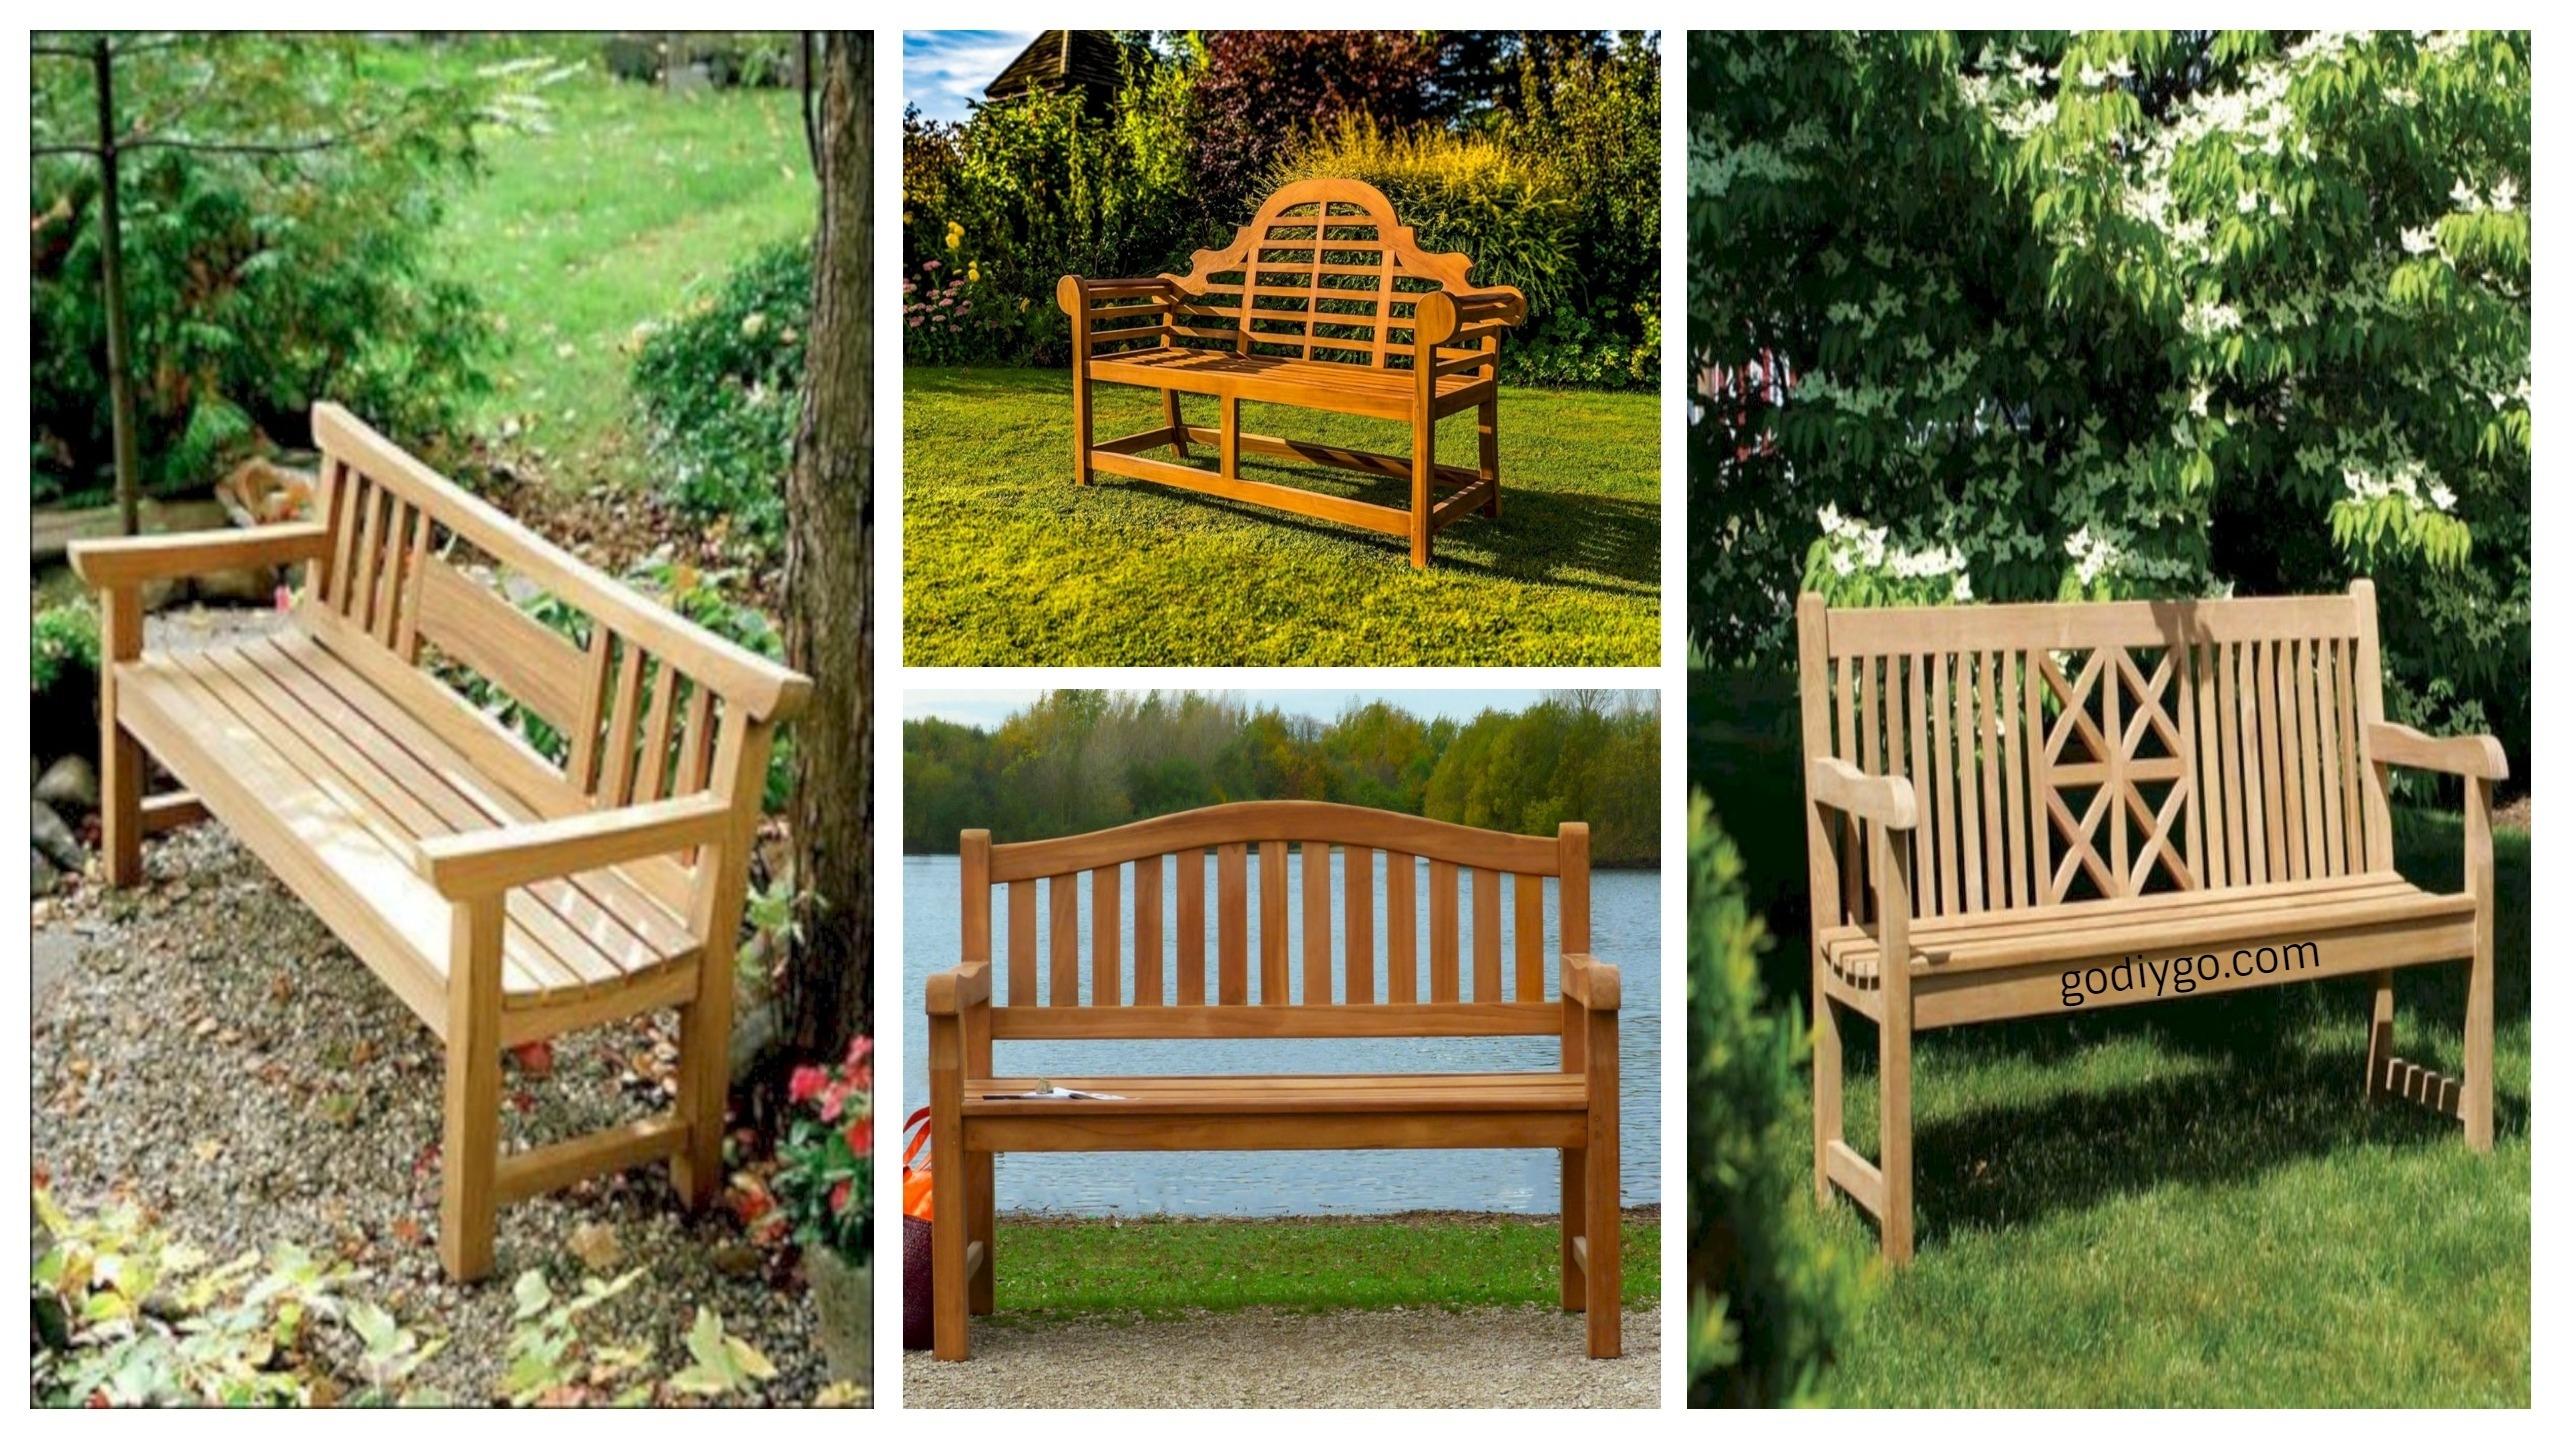 garden bench ideas. 41 Teak Garden Benches Ideas For Your Outdoor Bench F